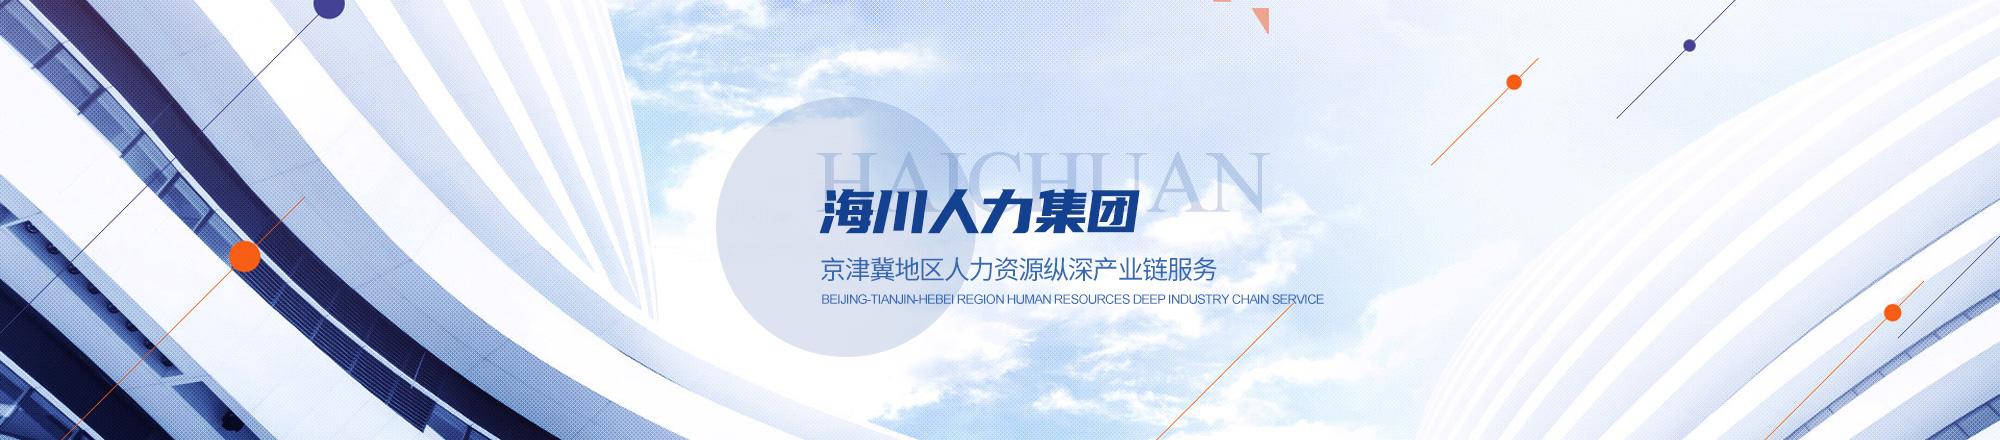 乐鱼直播下载人力--华北地区首选的人力资源外包服务机构